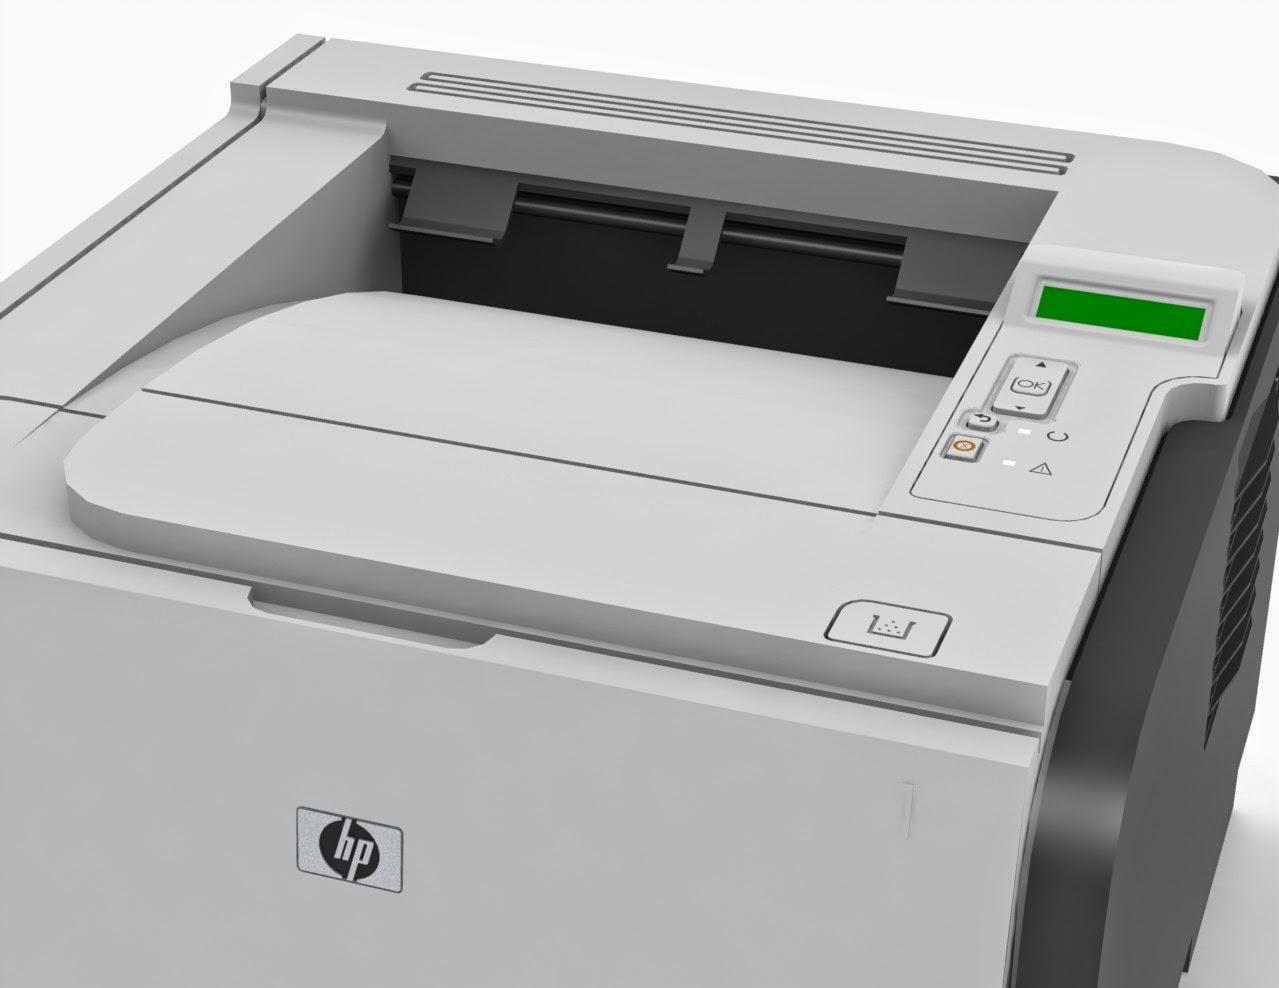 impresora P2055dn errores y su lista de posibles soluciones o como soluciounarlos